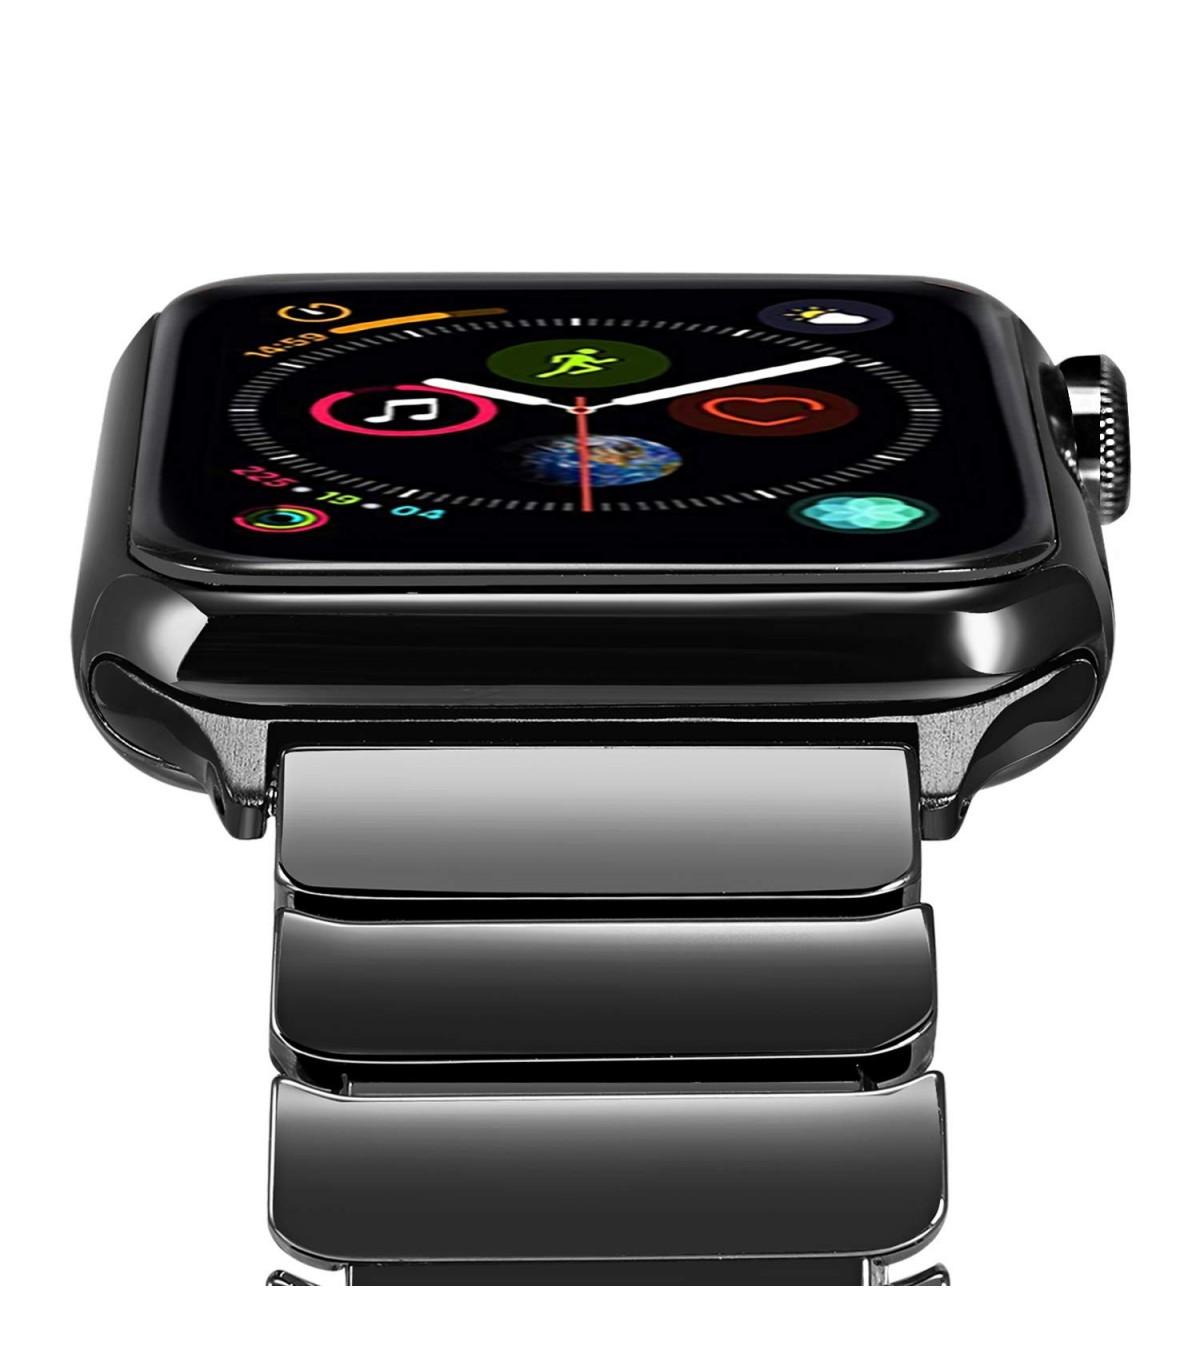 ساعت هوشمند گیفت کالکشن مدل Ceramic